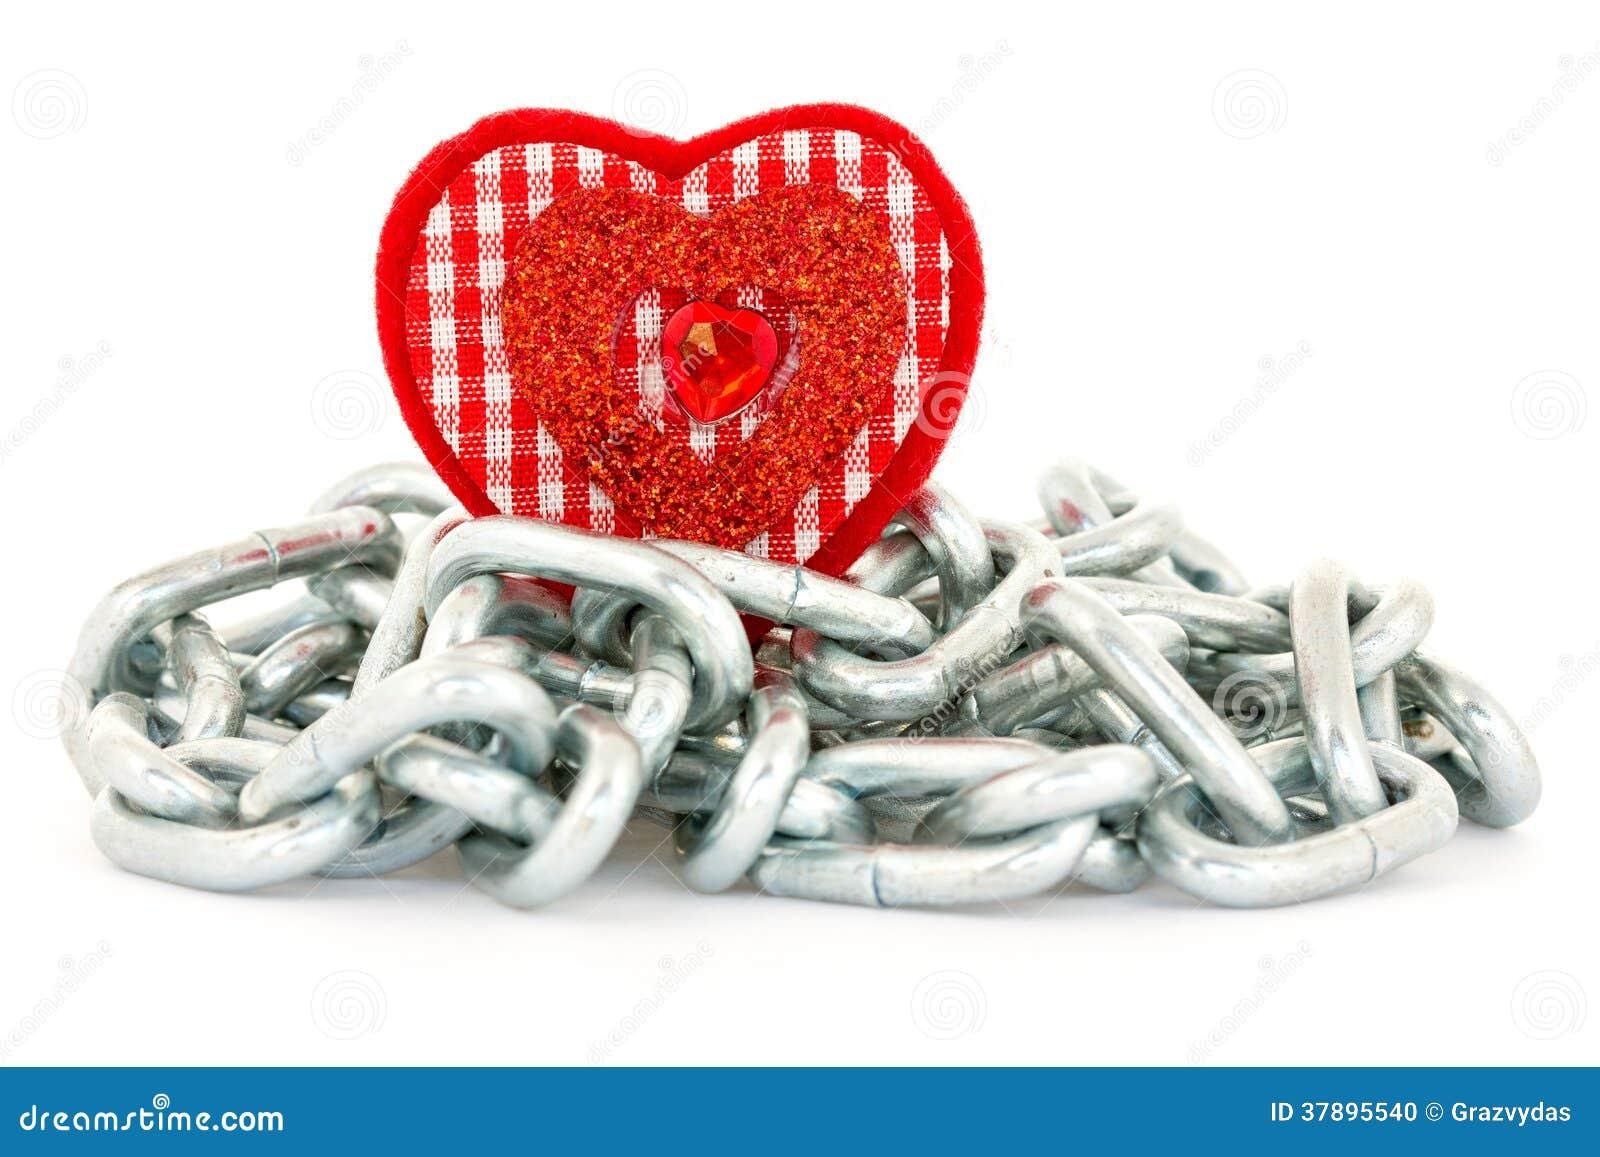 Hartvorm met kettingen op wit